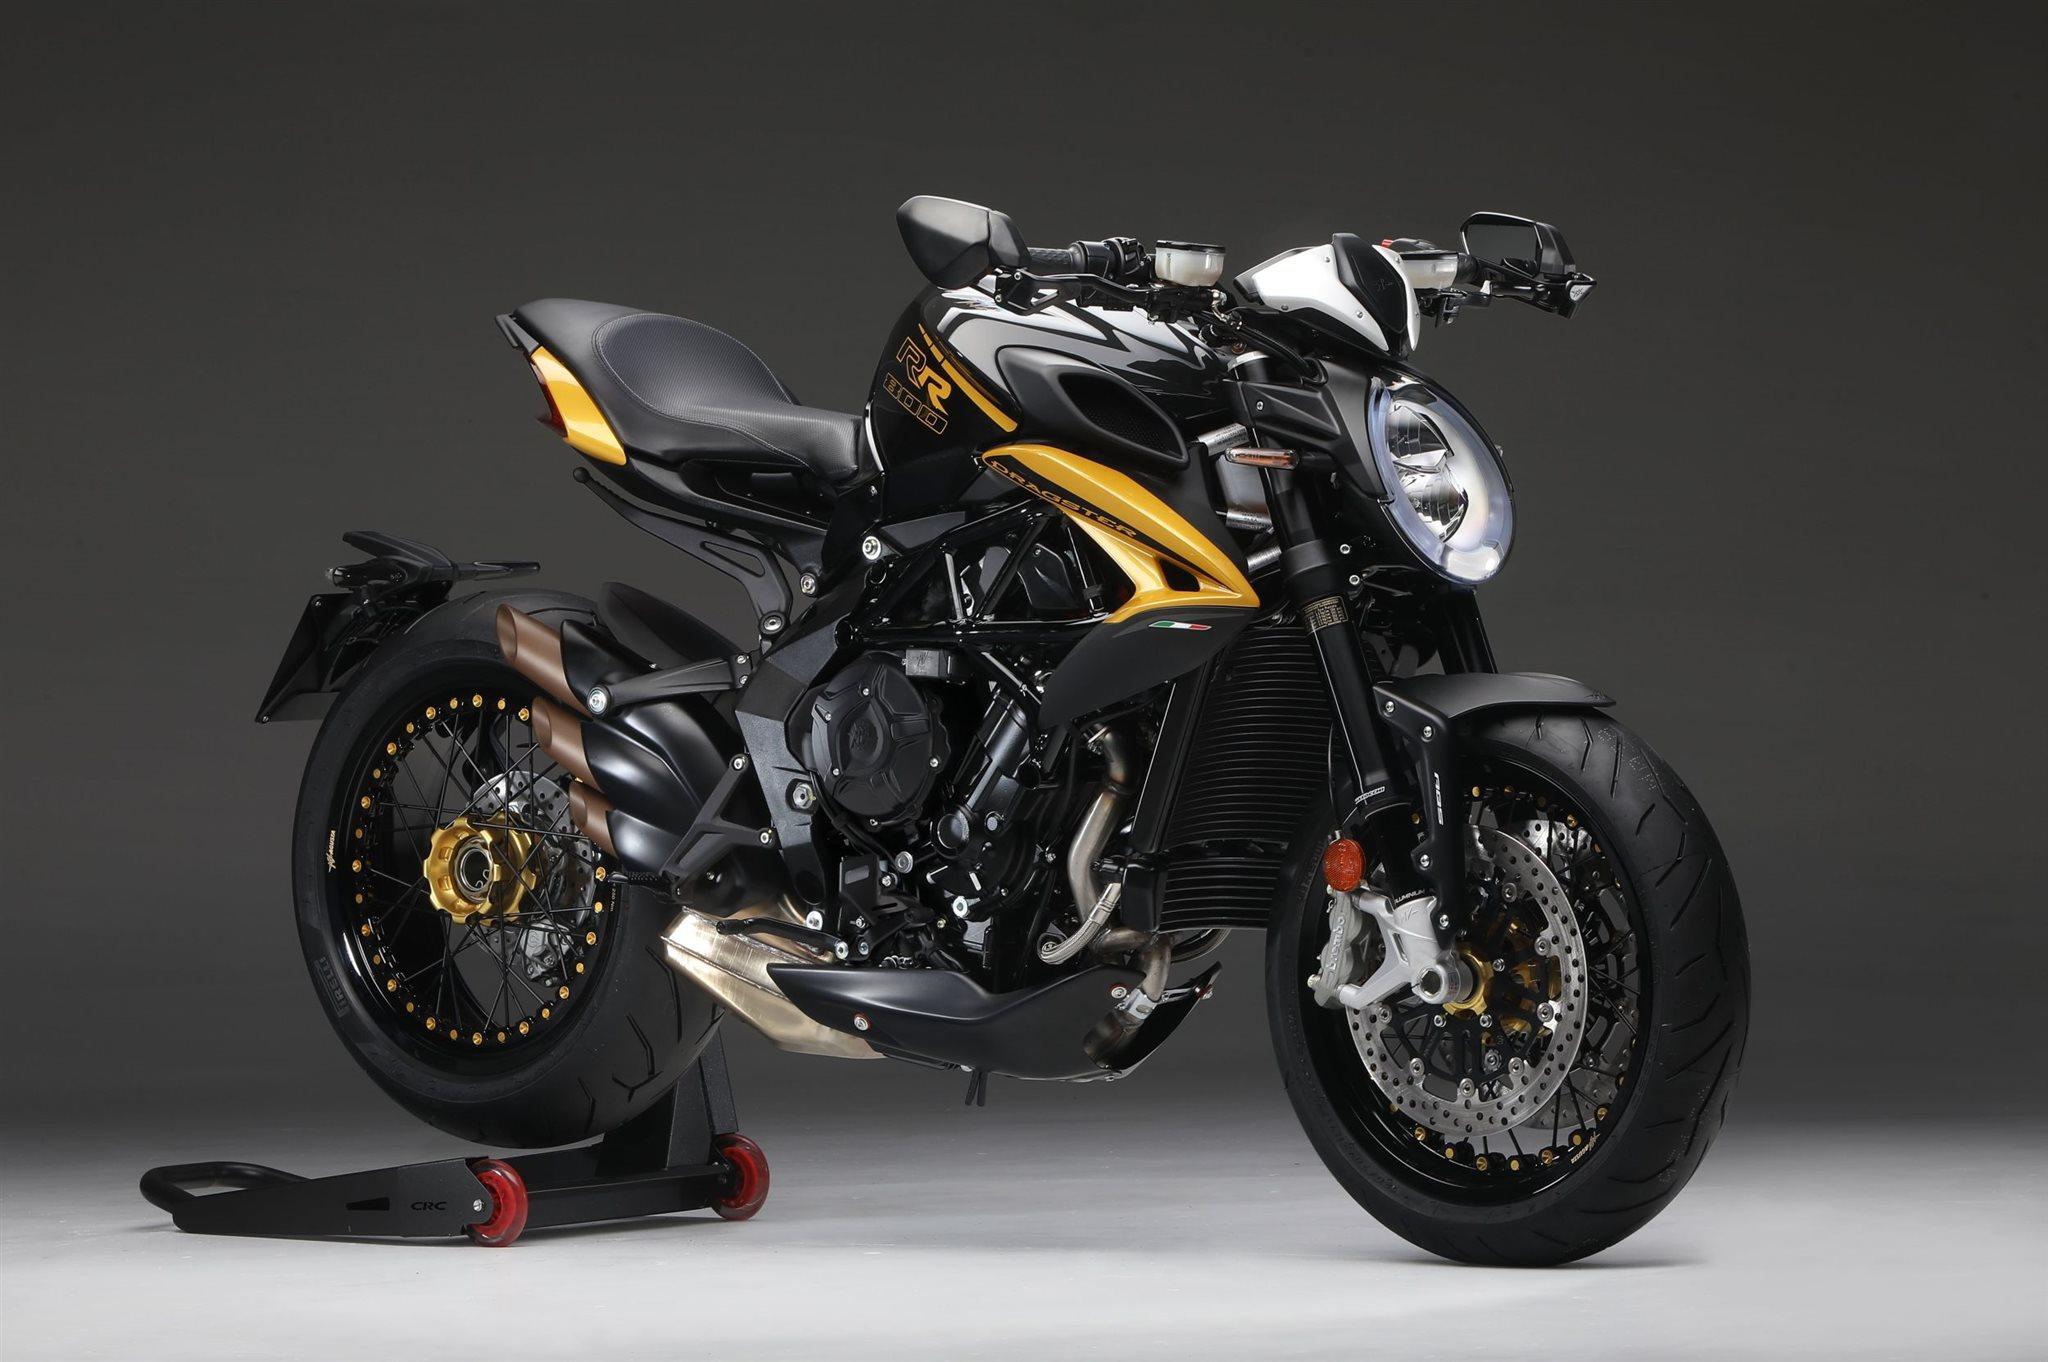 Gebrauchte und neue MV Agusta Dragster 800 RR Motorräder